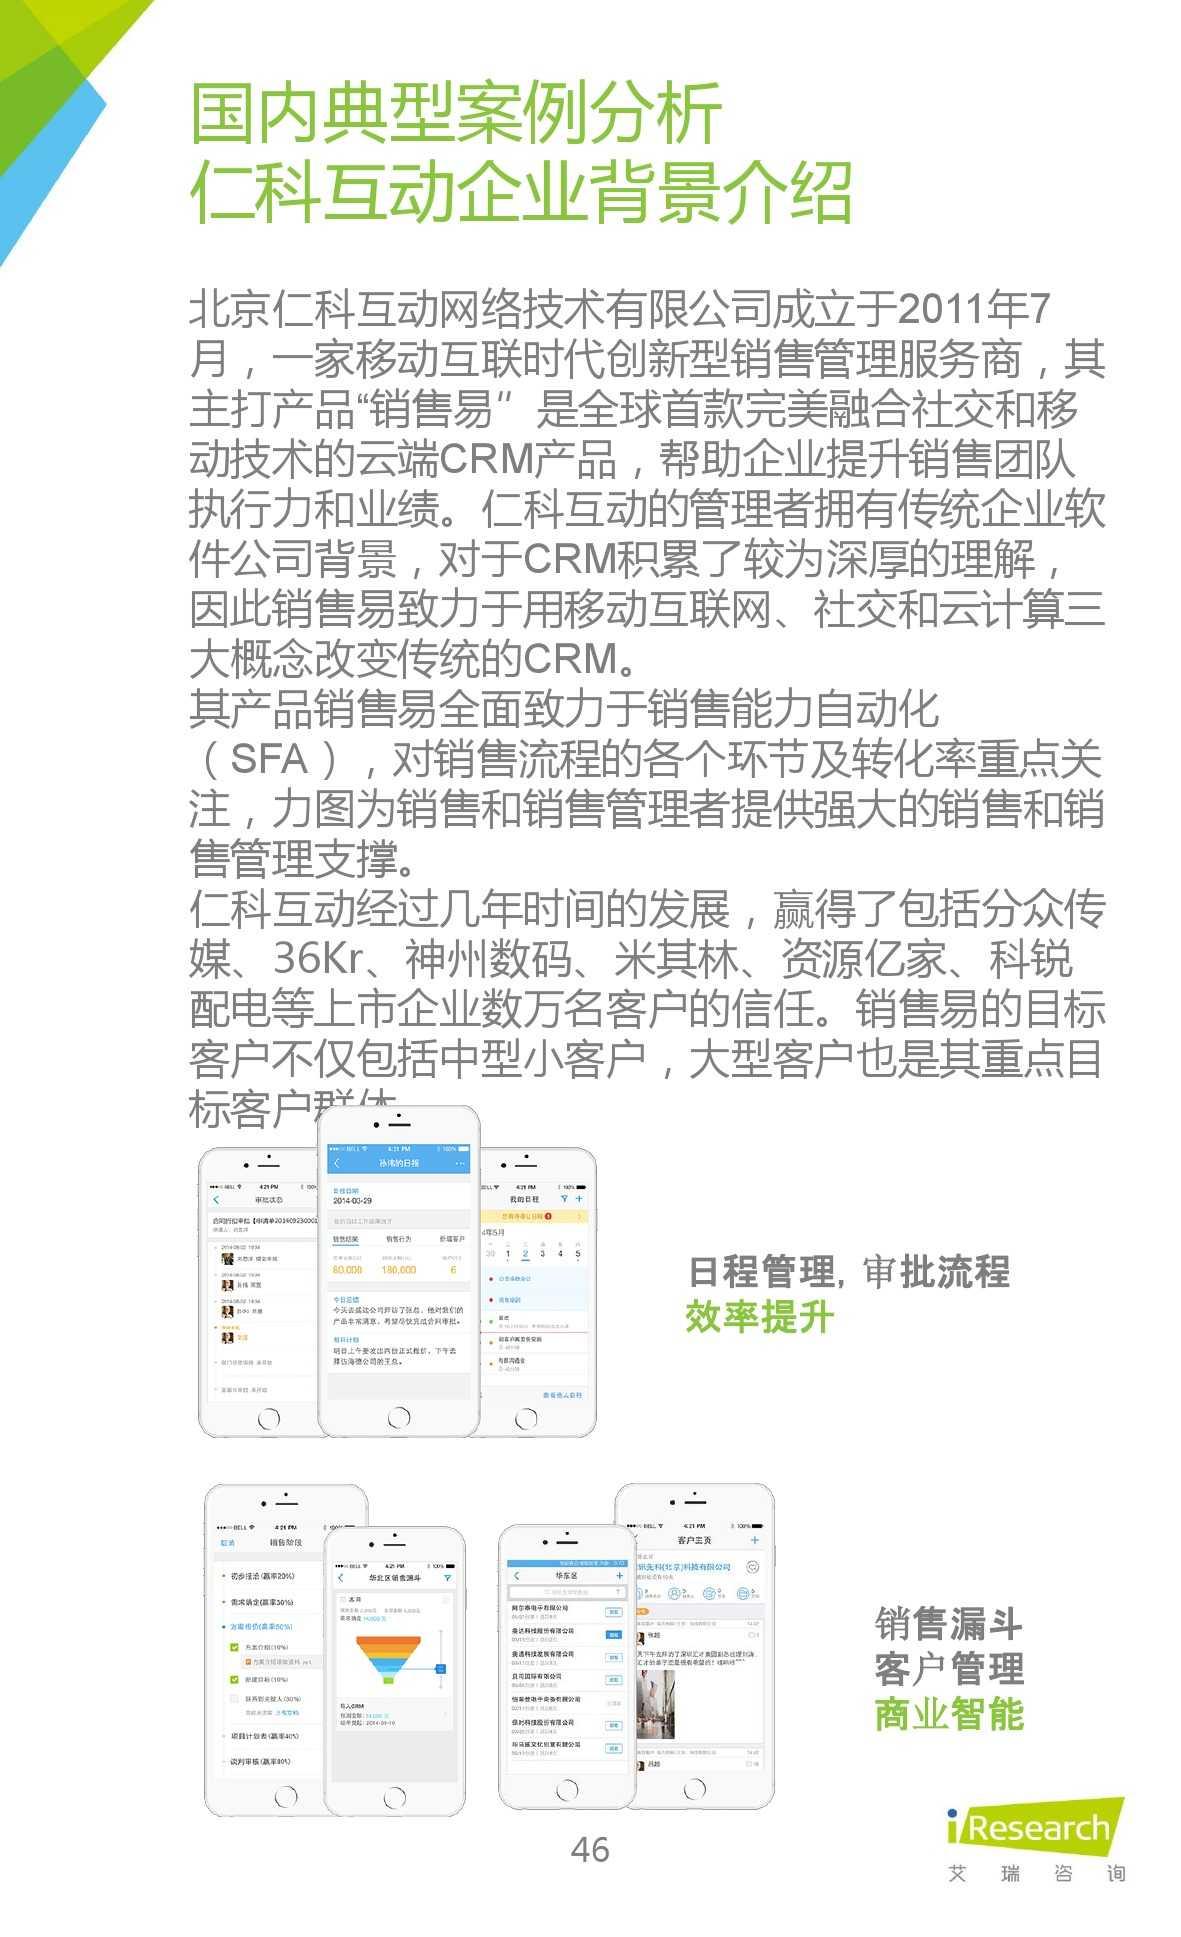 2015年中国移动销售CRM行业研究报告_000046